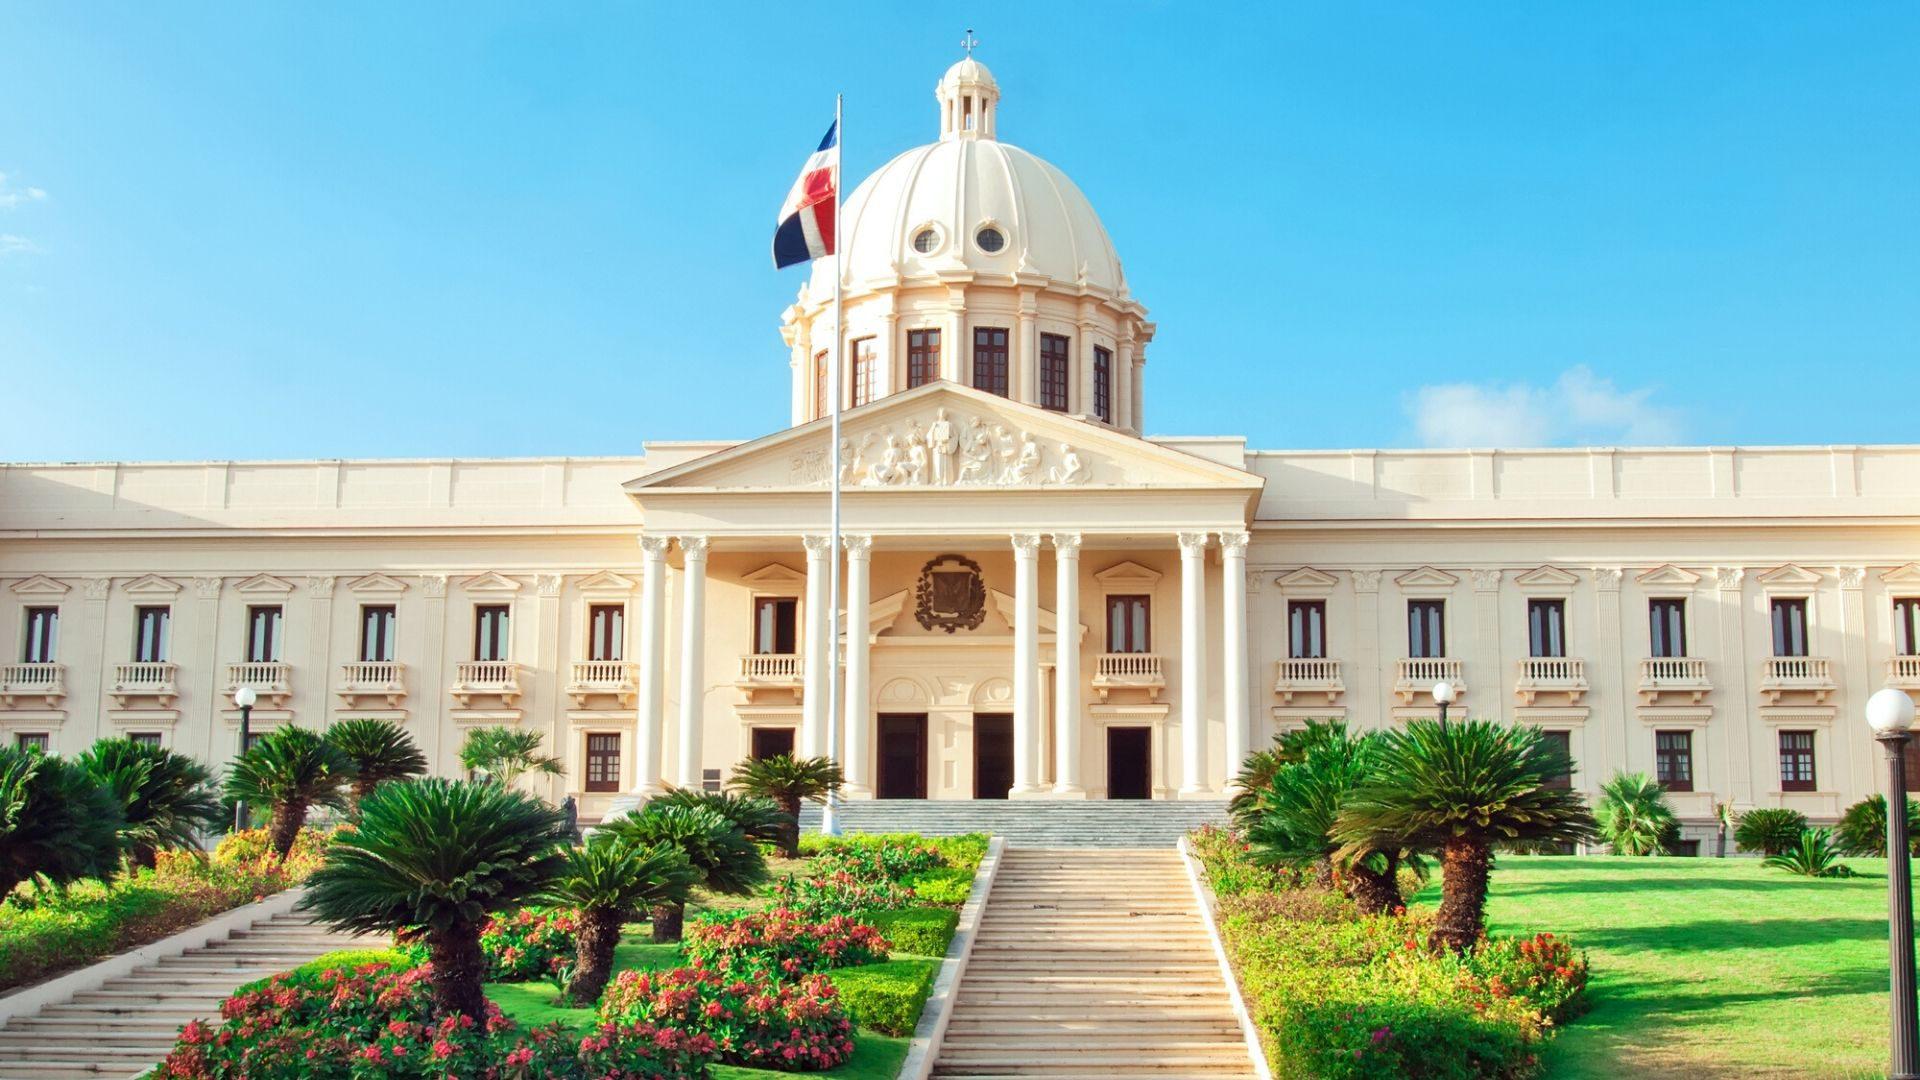 Santo Dominge esantys Nacionaliniai Rūmai